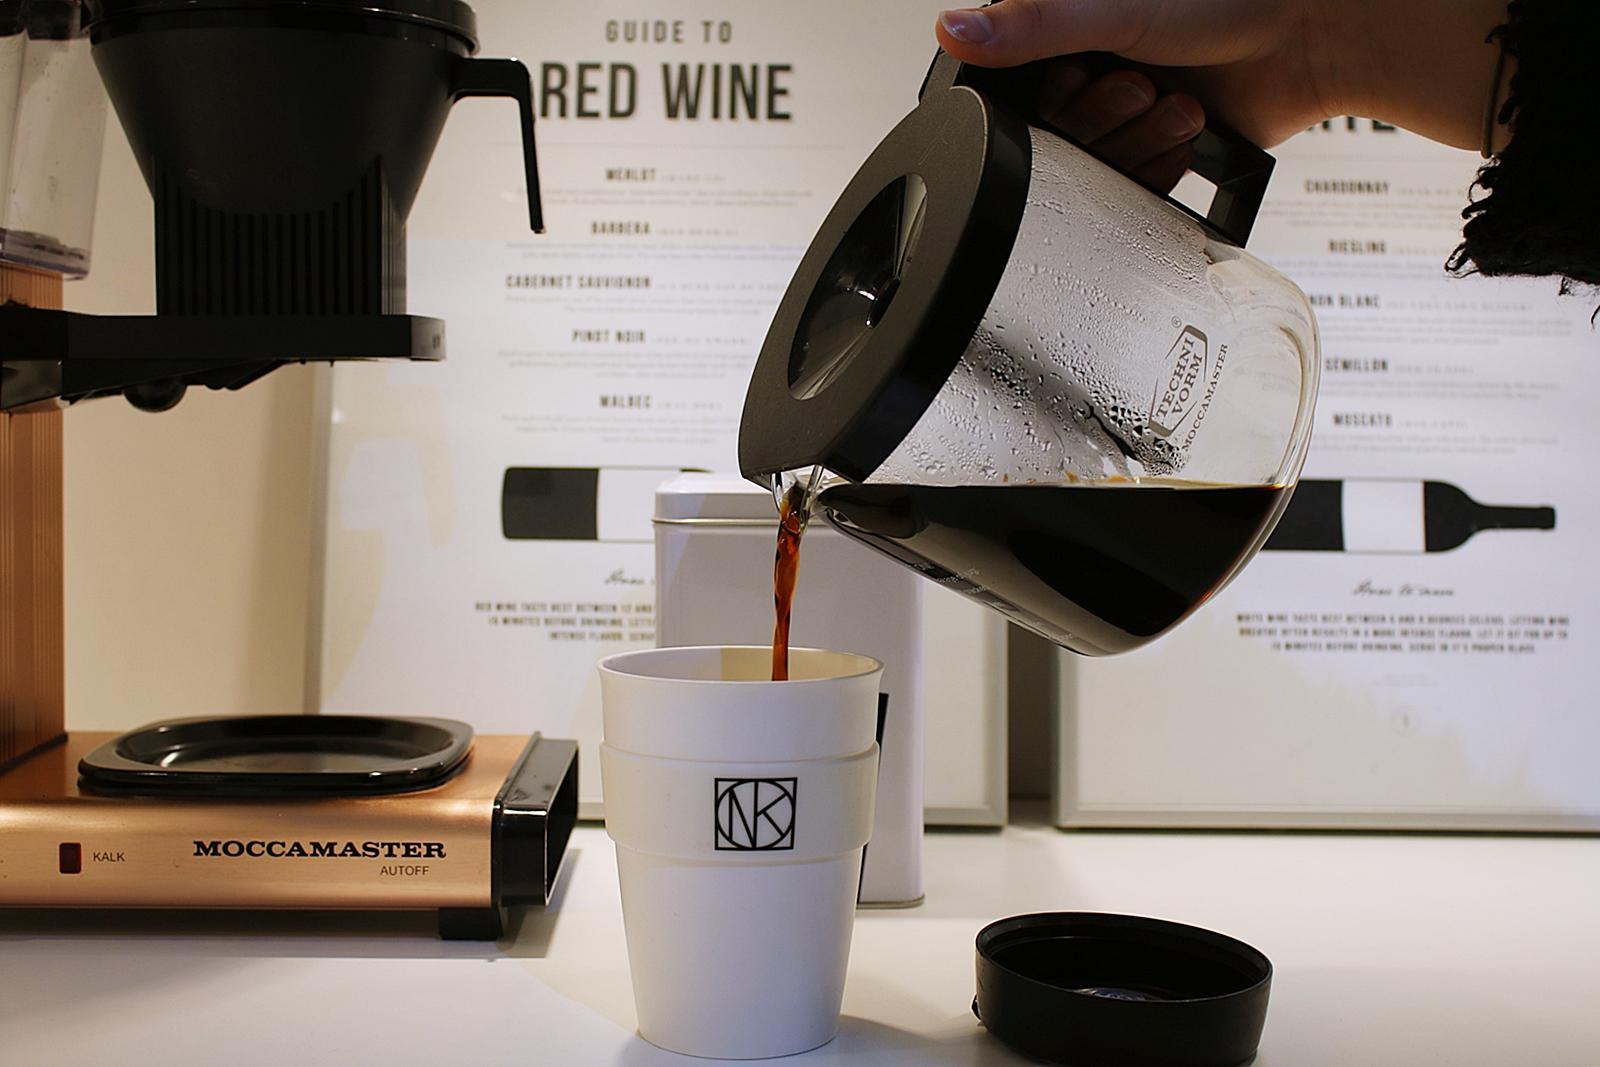 Godmorgon med gott kaffe från min lyxiga moccamaster i cooper